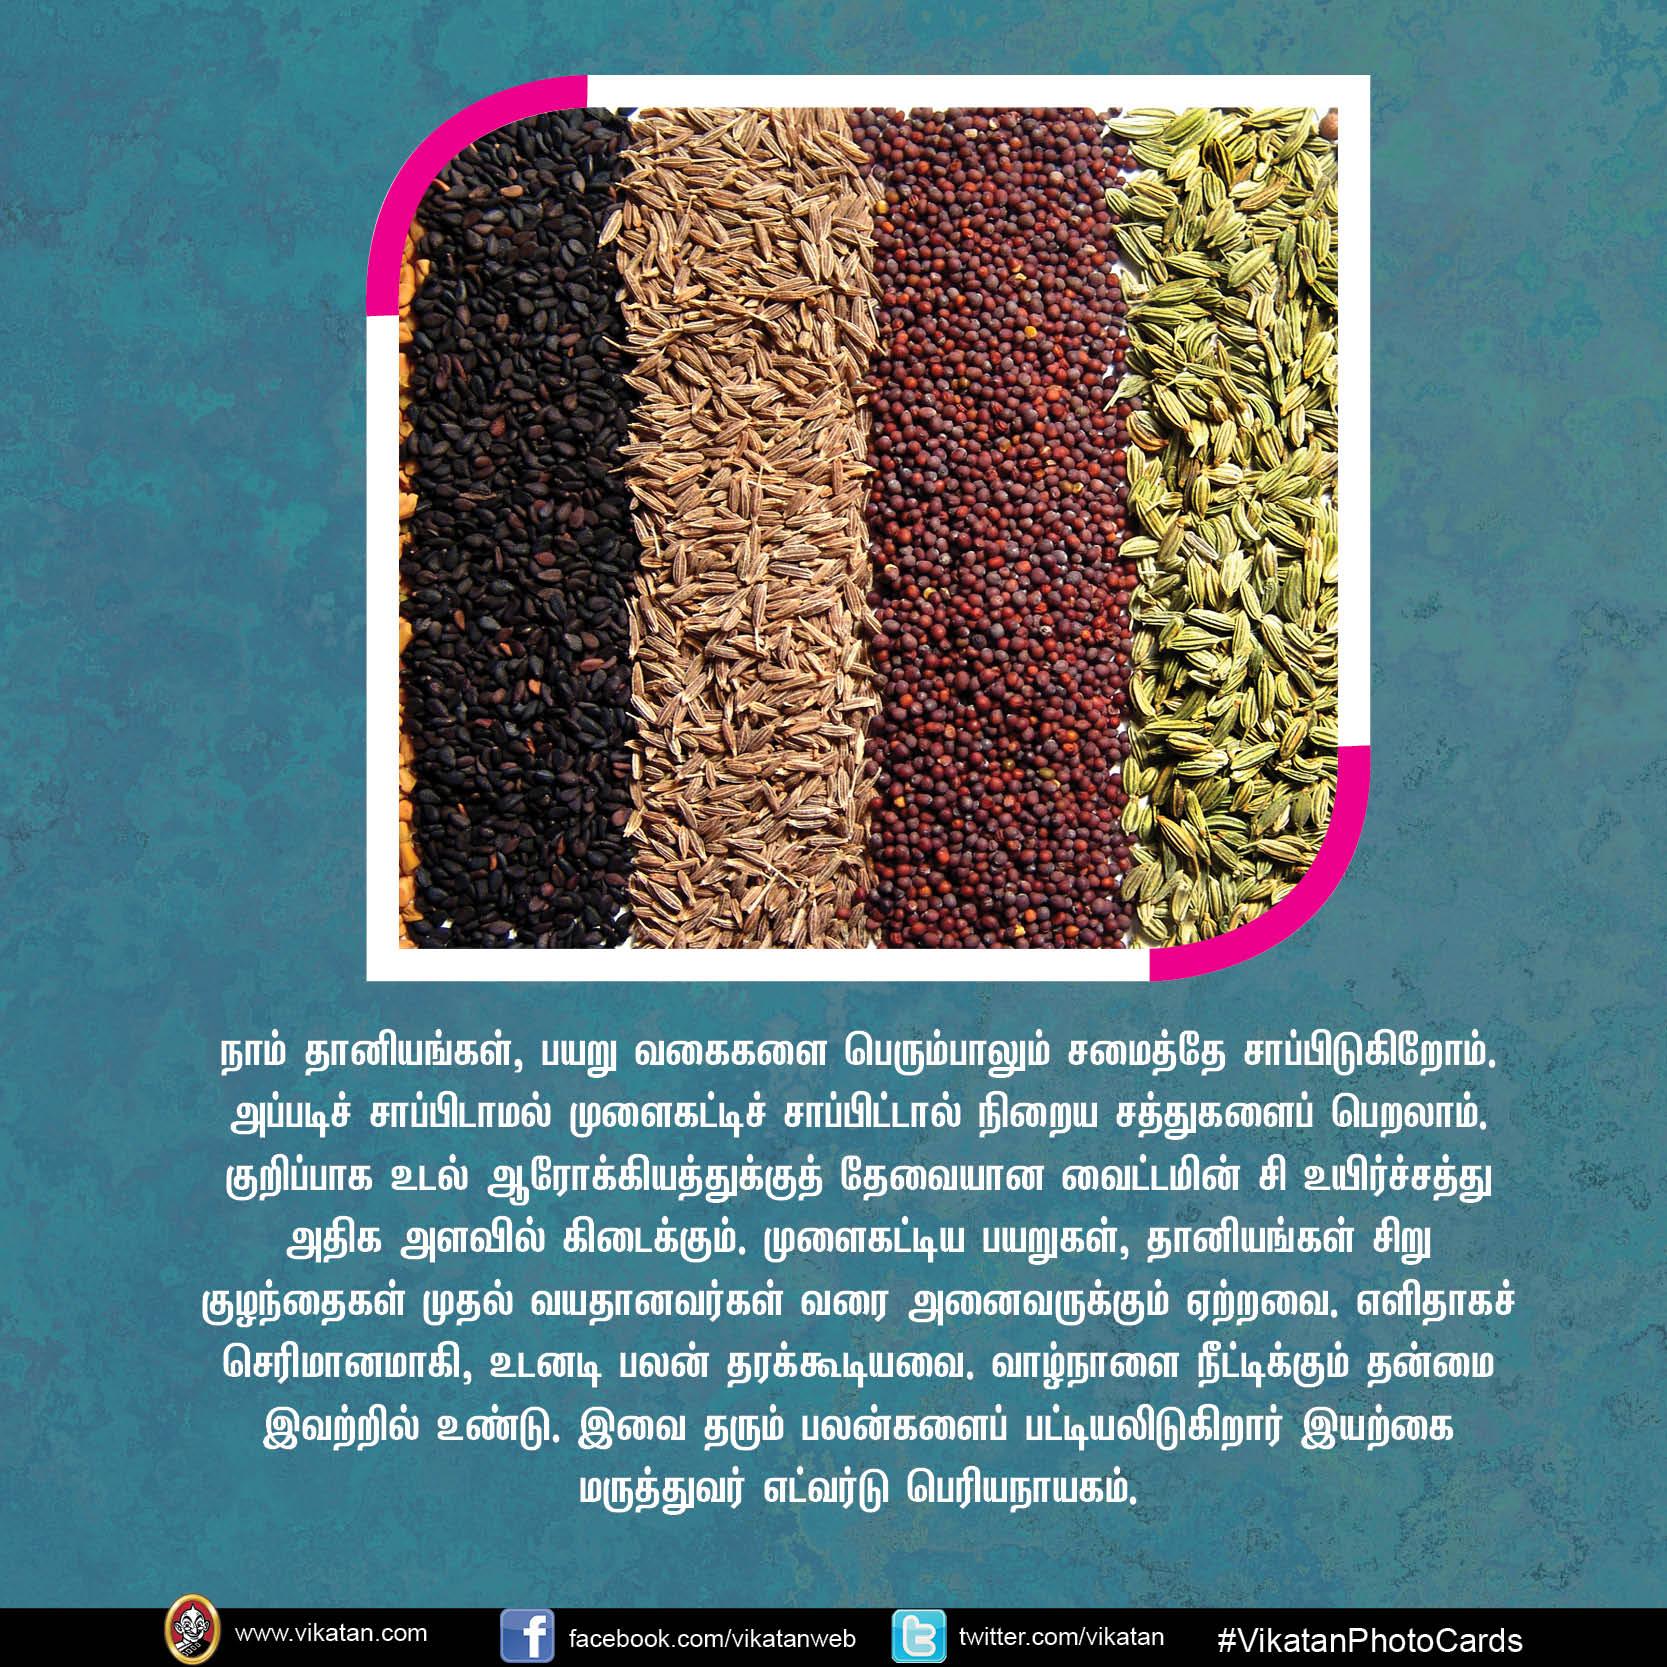 உடல்நலத்துக்கு உத்தரவாதம் தரும் முளைகட்டிய தானியங்கள், பயிறுகள்! #VikatanPhotoStory